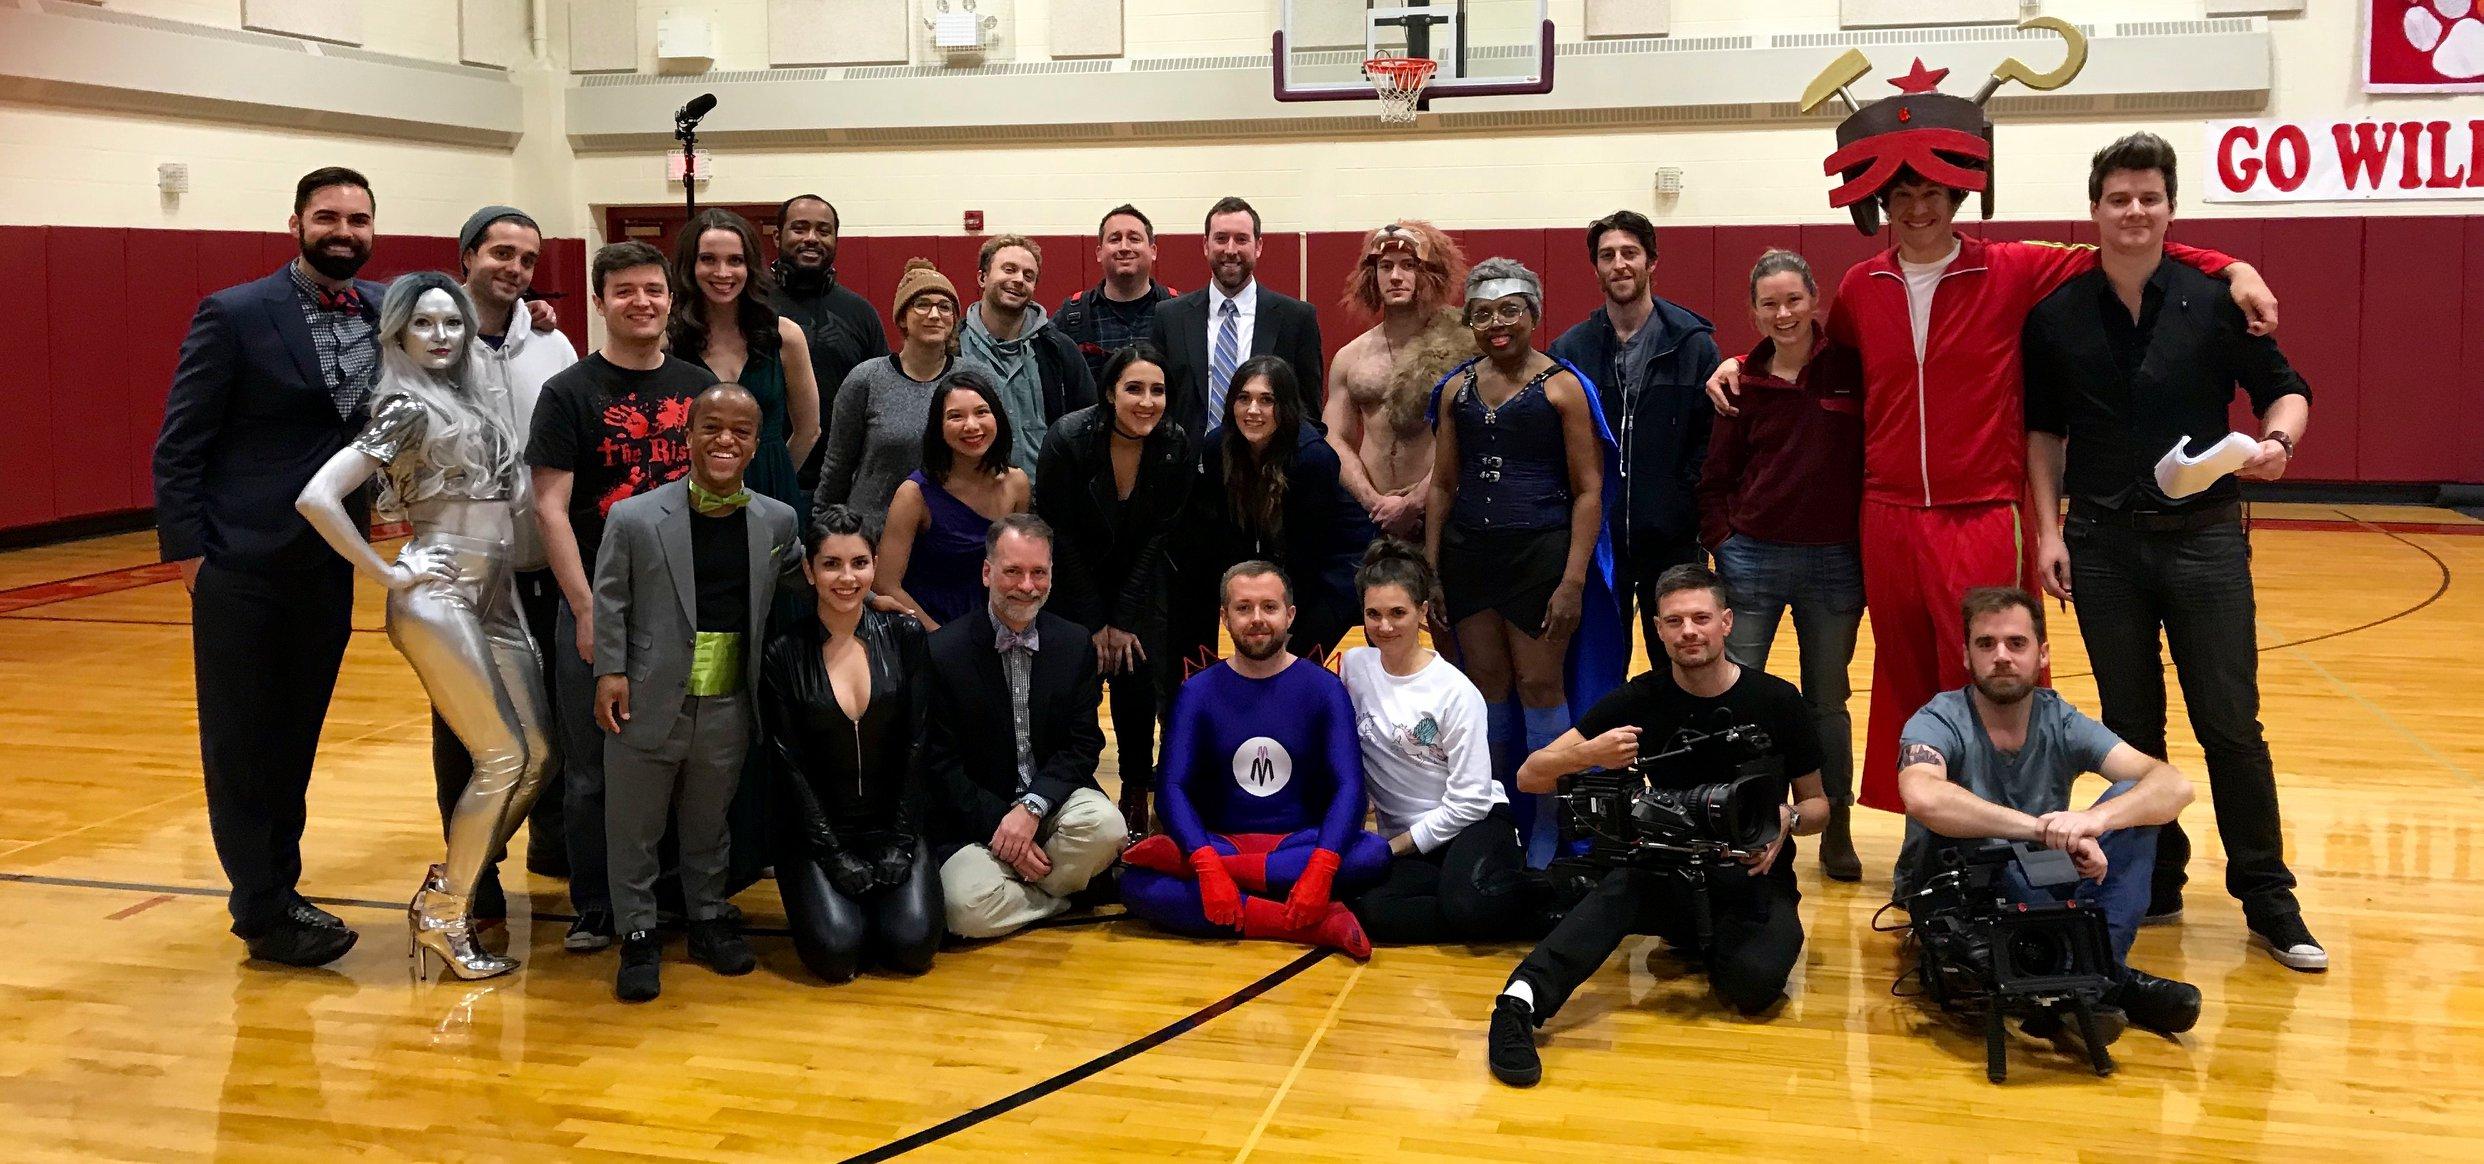 Zero Issue cast and crew